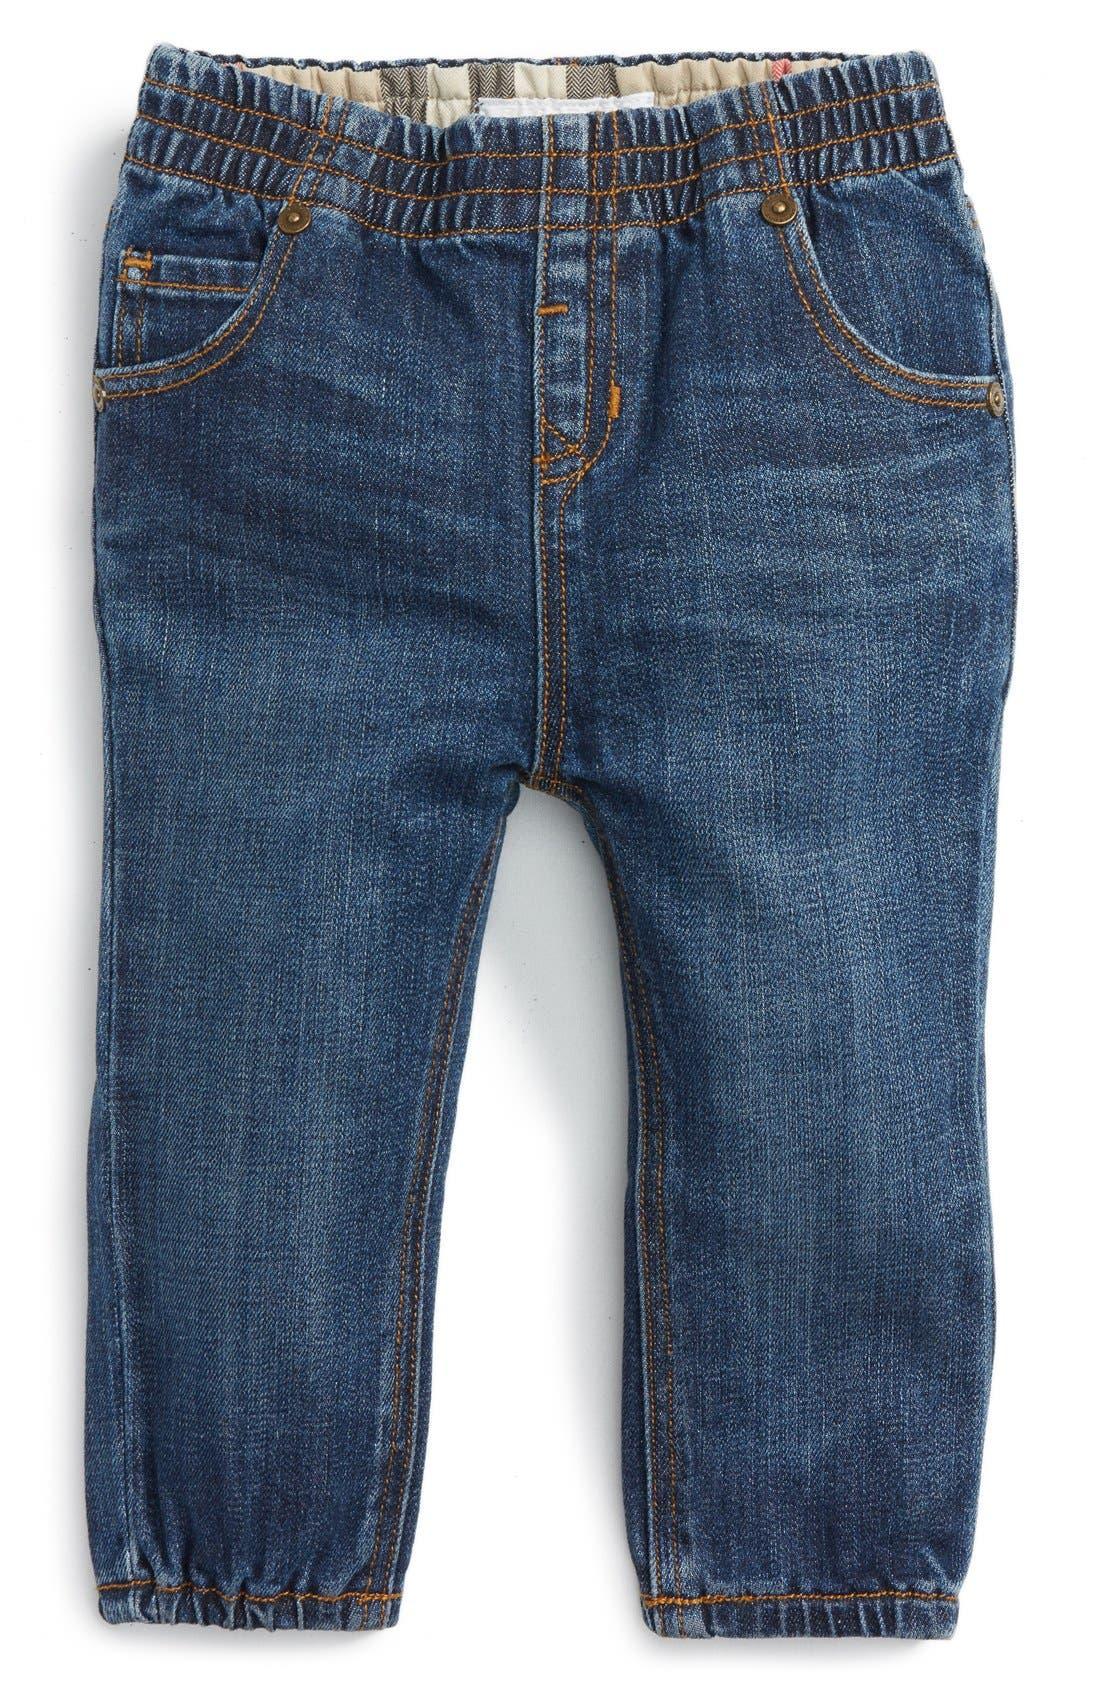 Eloise Denim Jogger Pants,                         Main,                         color, 409